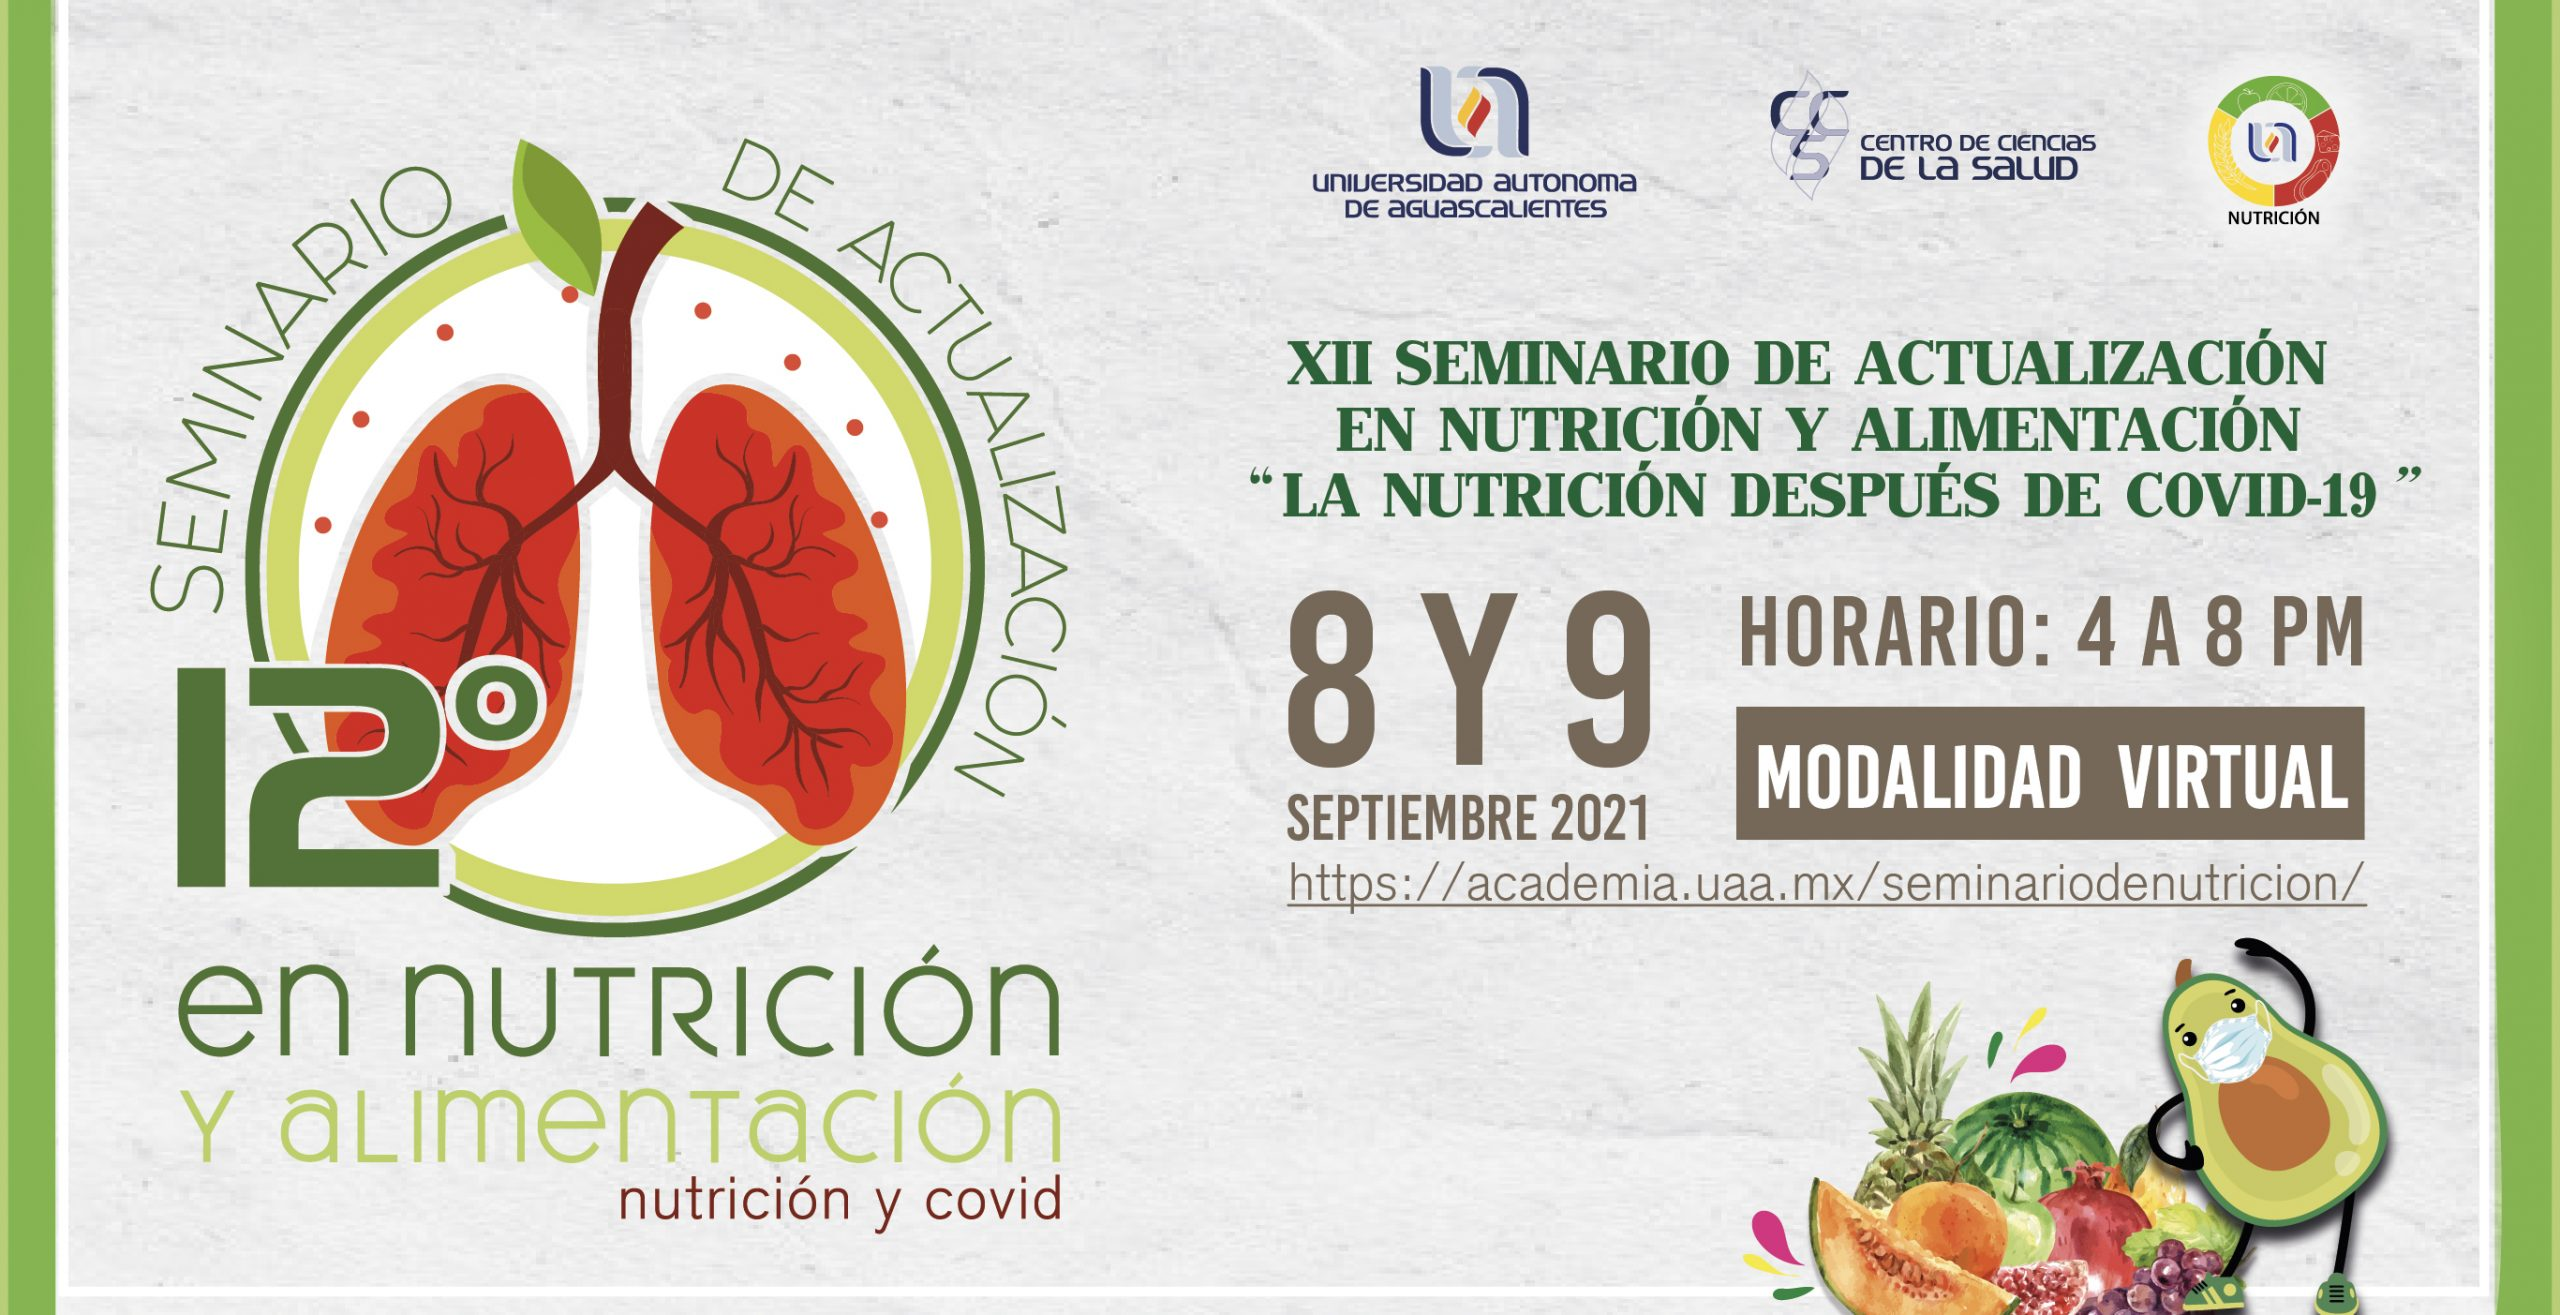 Programa del XII Seminario de Actualización en Nutrición y Alimentación